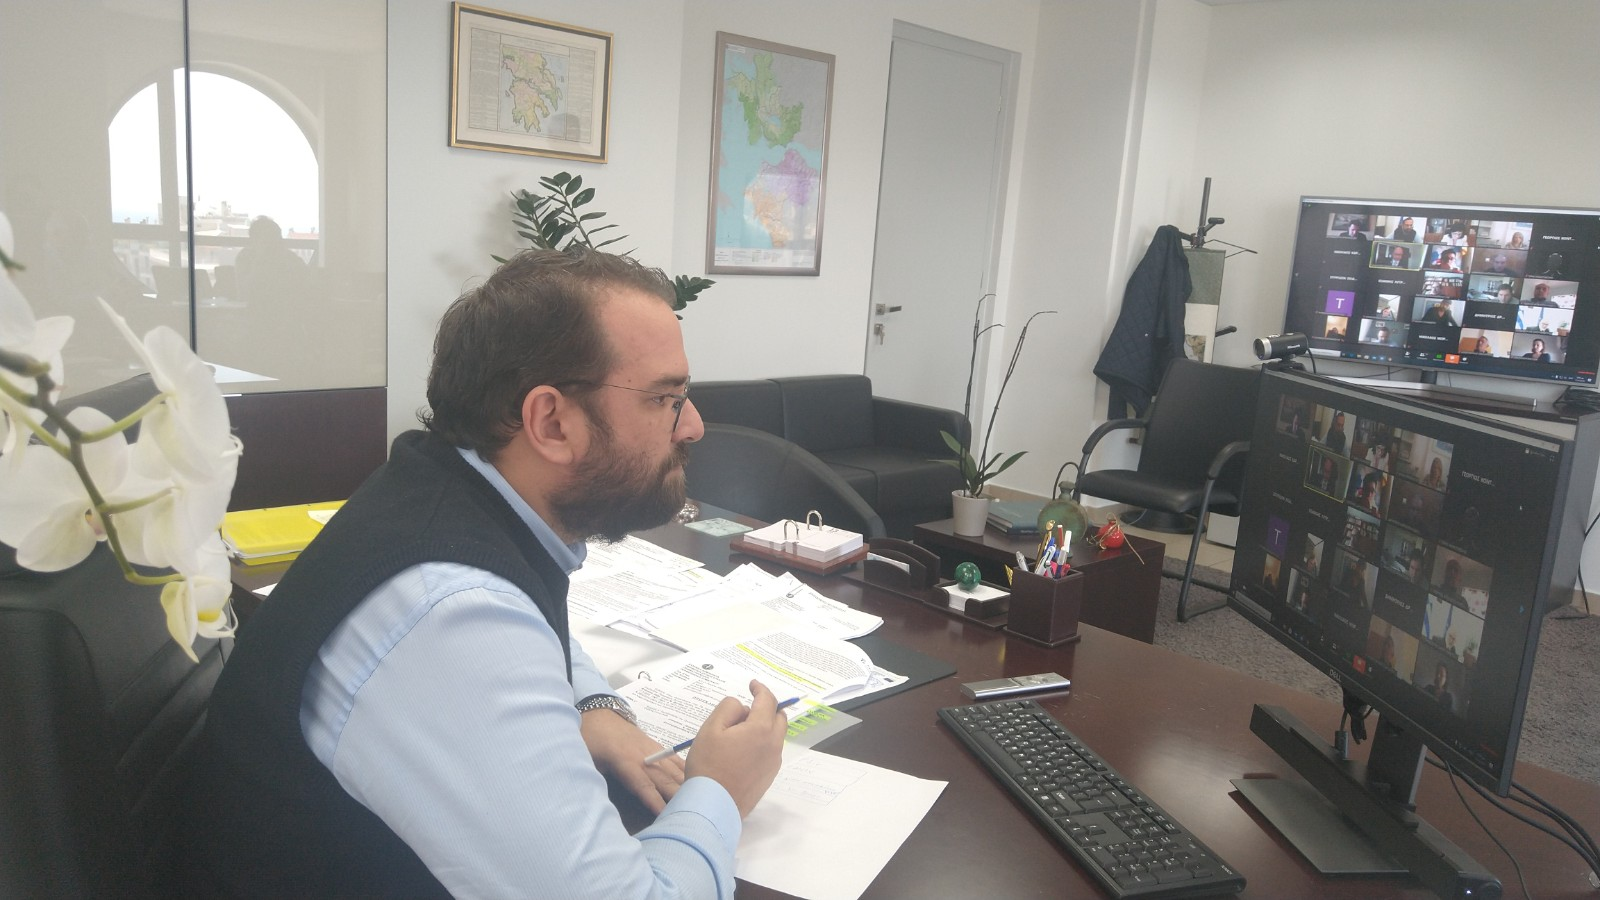 ΠΔΕ: «Πράσινο φως» από το Περιφερειακό Συμβούλιο για την ολοκλήρωση του Τμήματος Επειγόντων Περιστατικών (ΤΕΠ) του Νοσοκομείου Αμαλιάδας